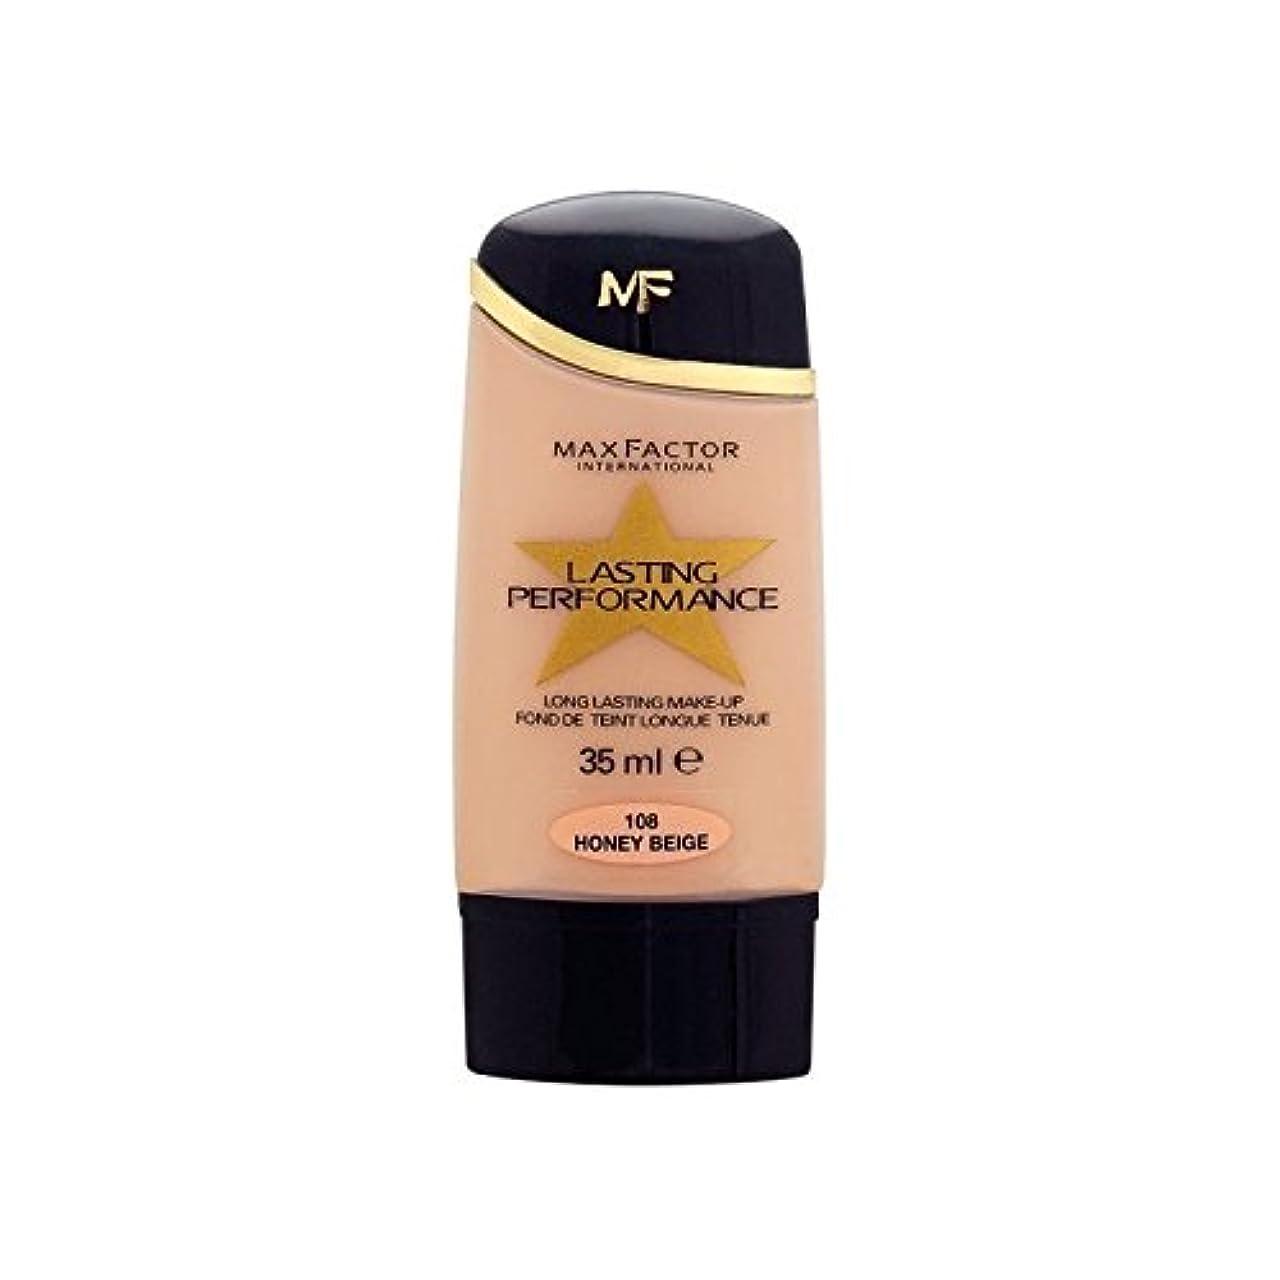 ゴミテスピアンチーズマックスファクター持続パフォーマンスの基礎ハニーベージュ108 x2 - Max Factor Lasting Performance Foundation Honey Beige 108 (Pack of 2) [並行輸入品]